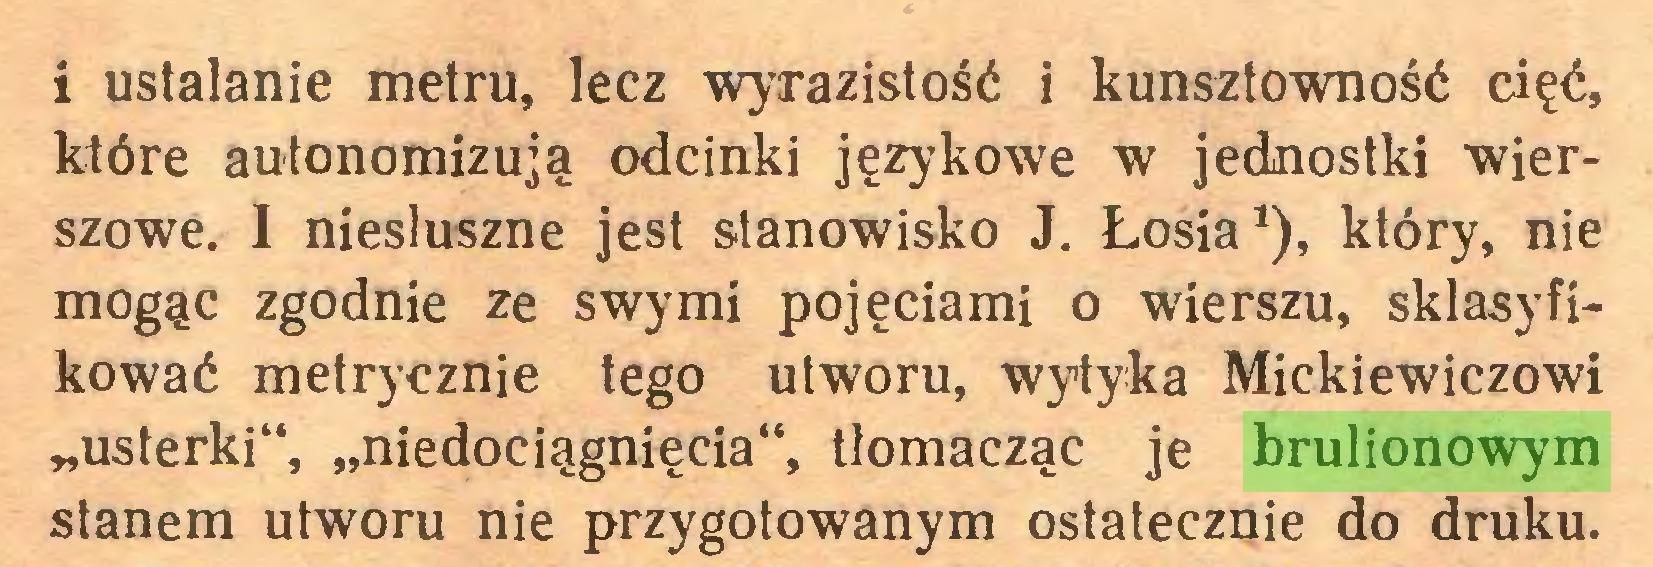 """(...) i ustalanie metru, lecz wyrazistość i kunsztowność cięć, które autonomizują odcinki językowe w jednostki wierszowe. I niesłuszne jest stanowisko J. Łosia1), który, nie mogąc zgodnie ze swymi pojęciami o wierszu, sklasyfikować metrycznie tego utworu, wytyka Mickiewiczowi """"usterki"""", """"niedociągnięcia"""", tlomacząc je brulionowym stanem utworu nie przygotowanym ostatecznie do druku..."""